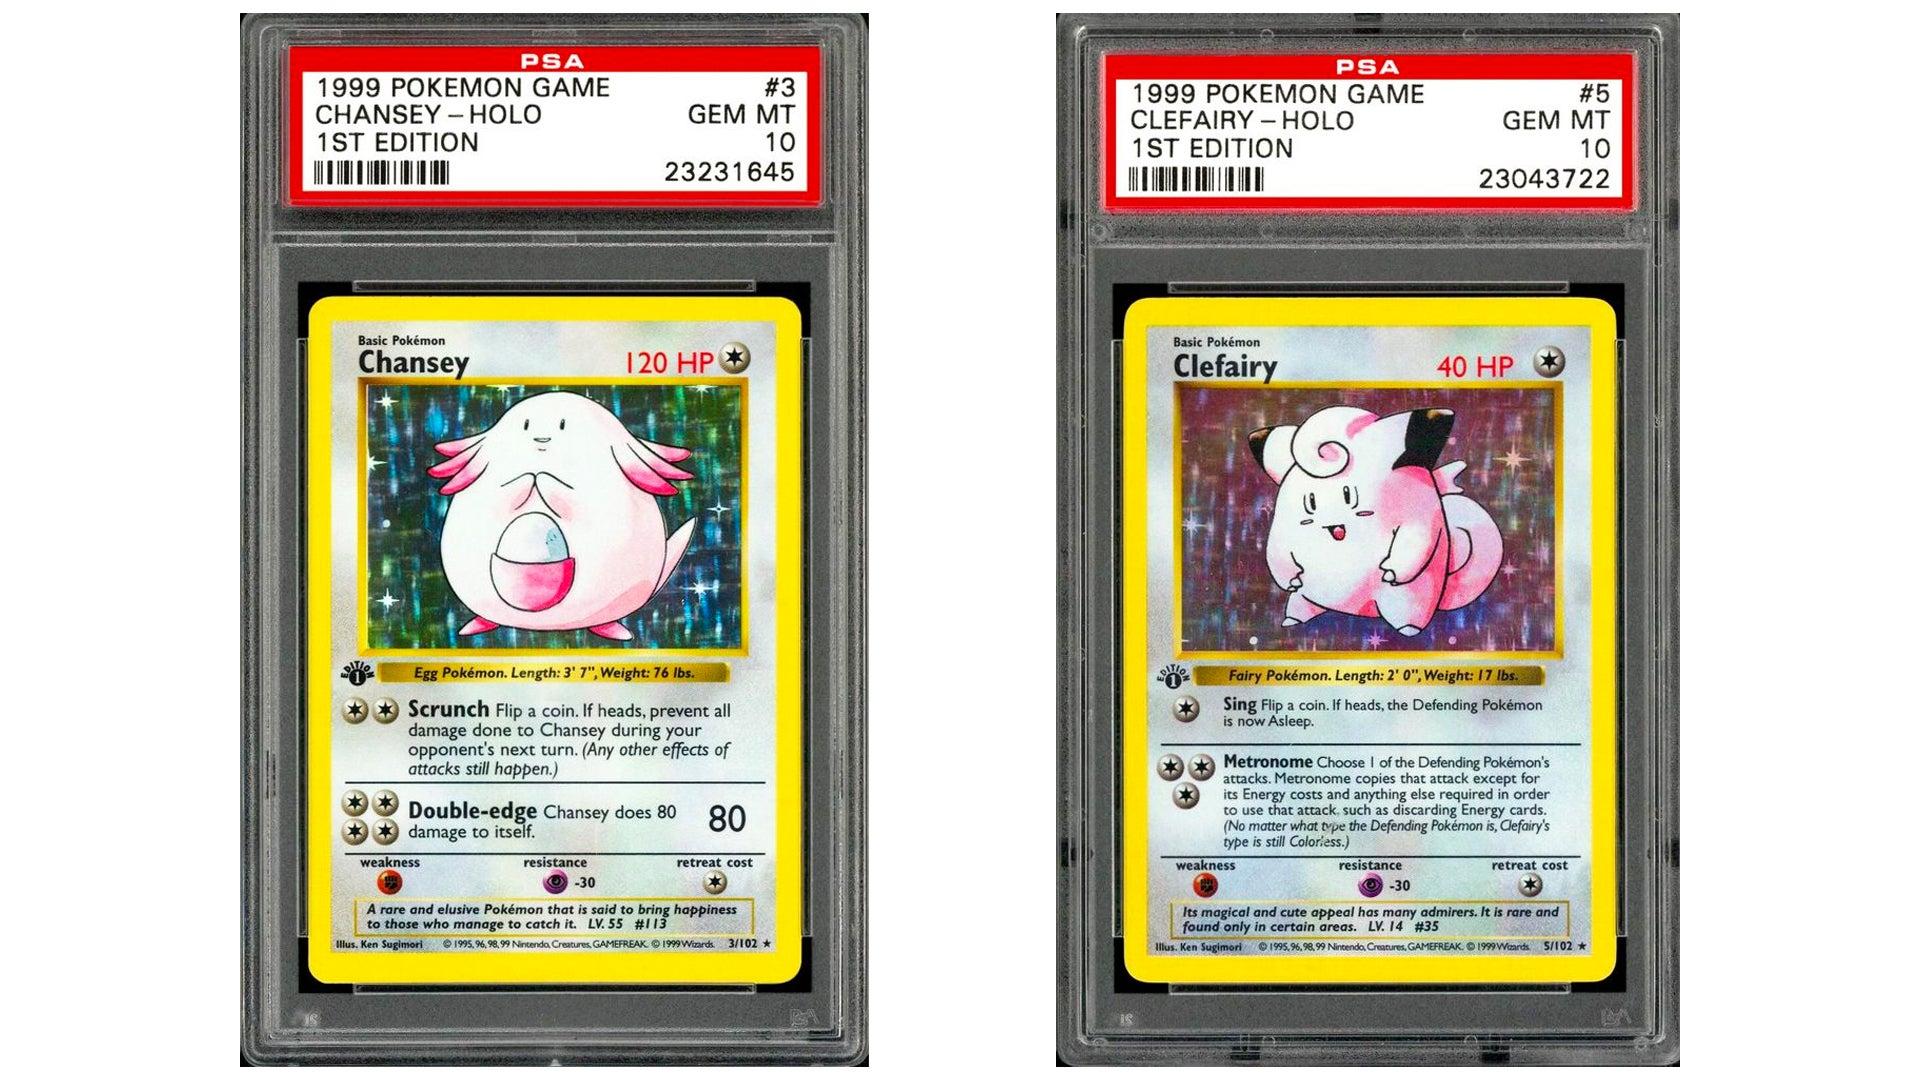 Image for How playground sexism led to one of the rarest original Pokémon cards